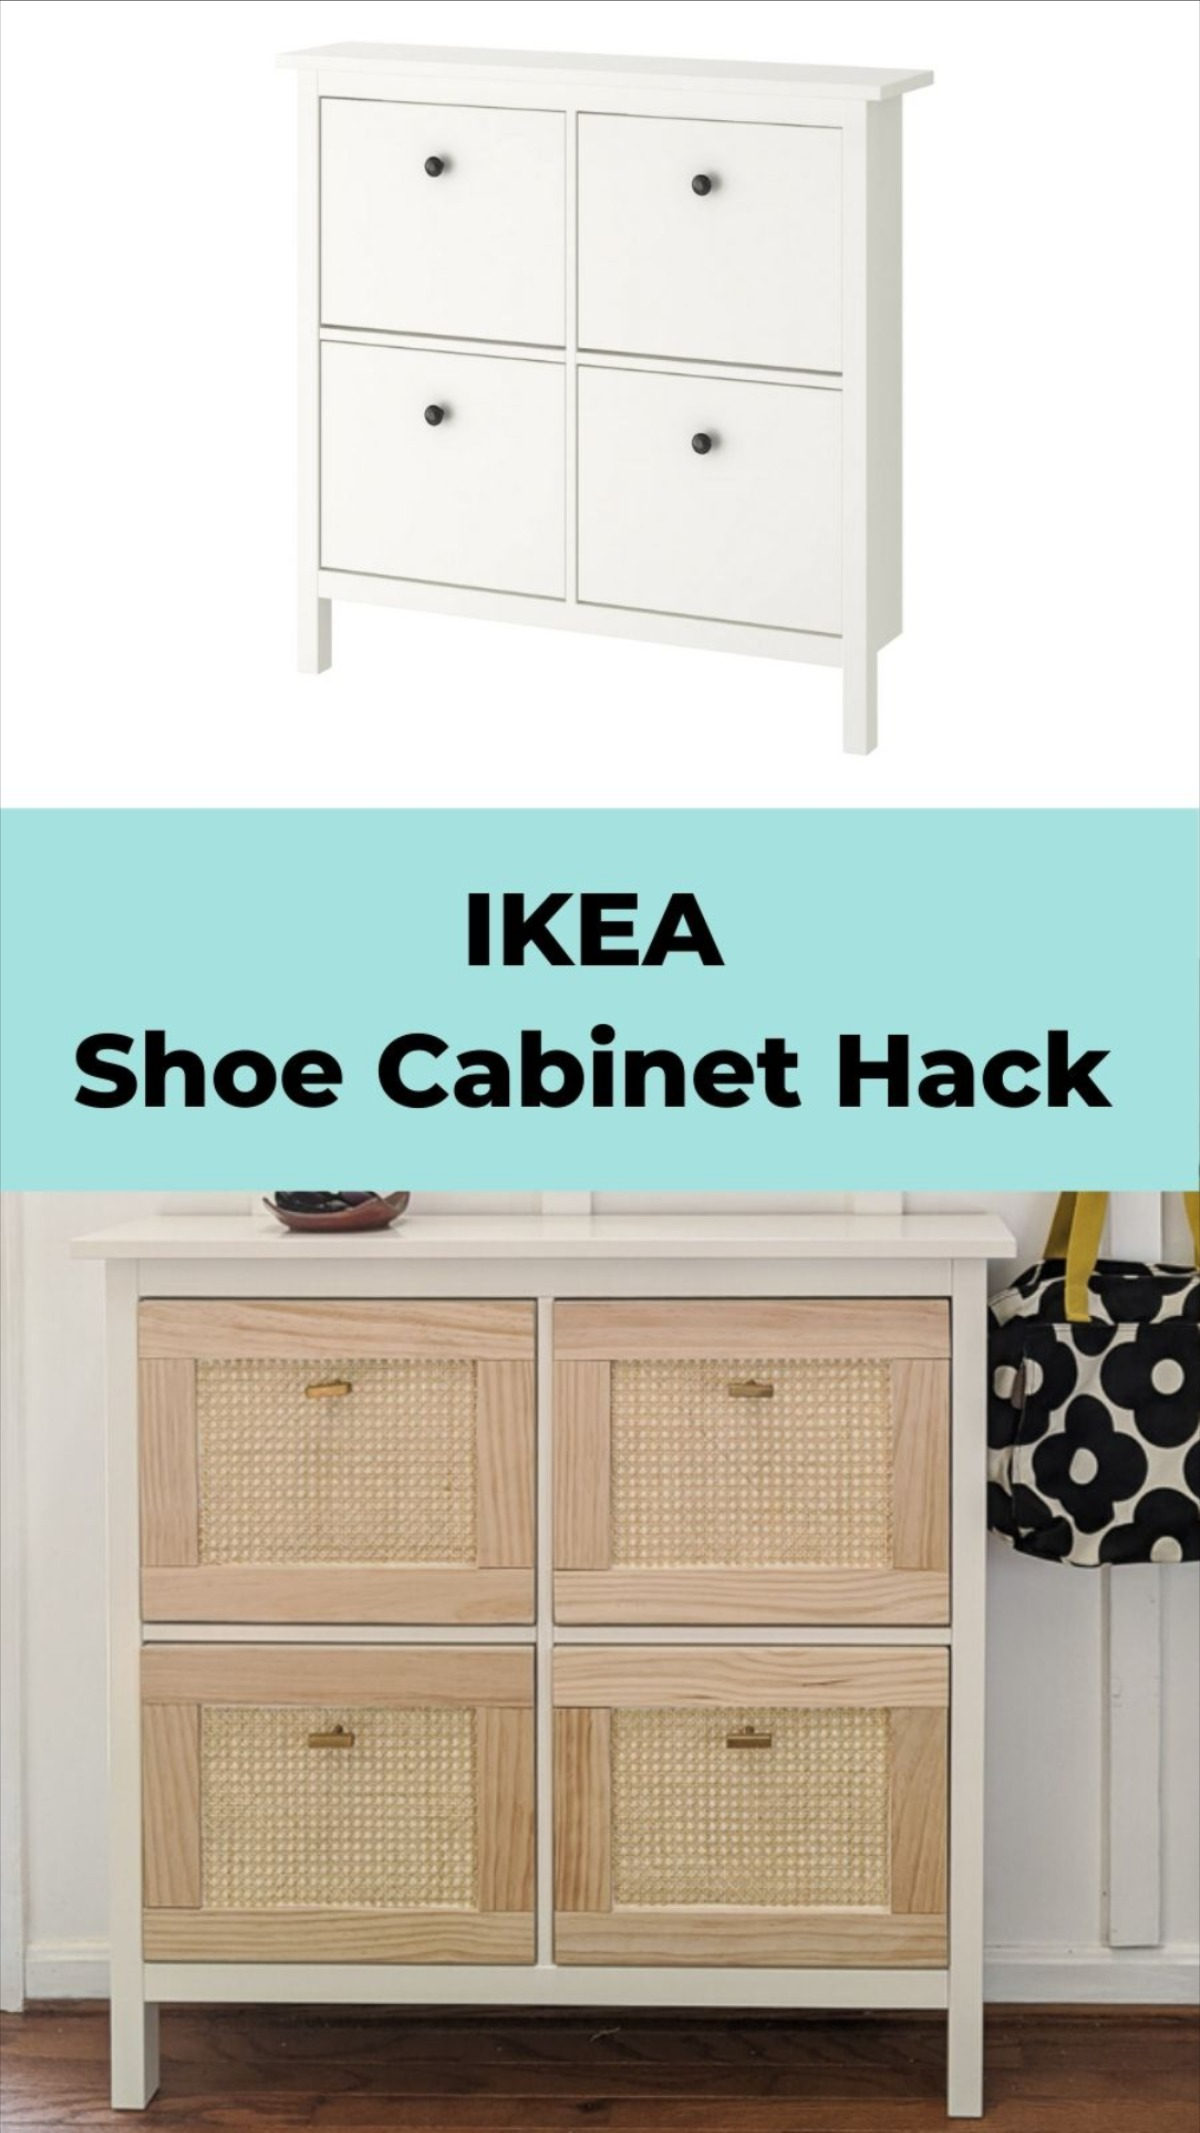 IKEA Shoe Cabinet Hack